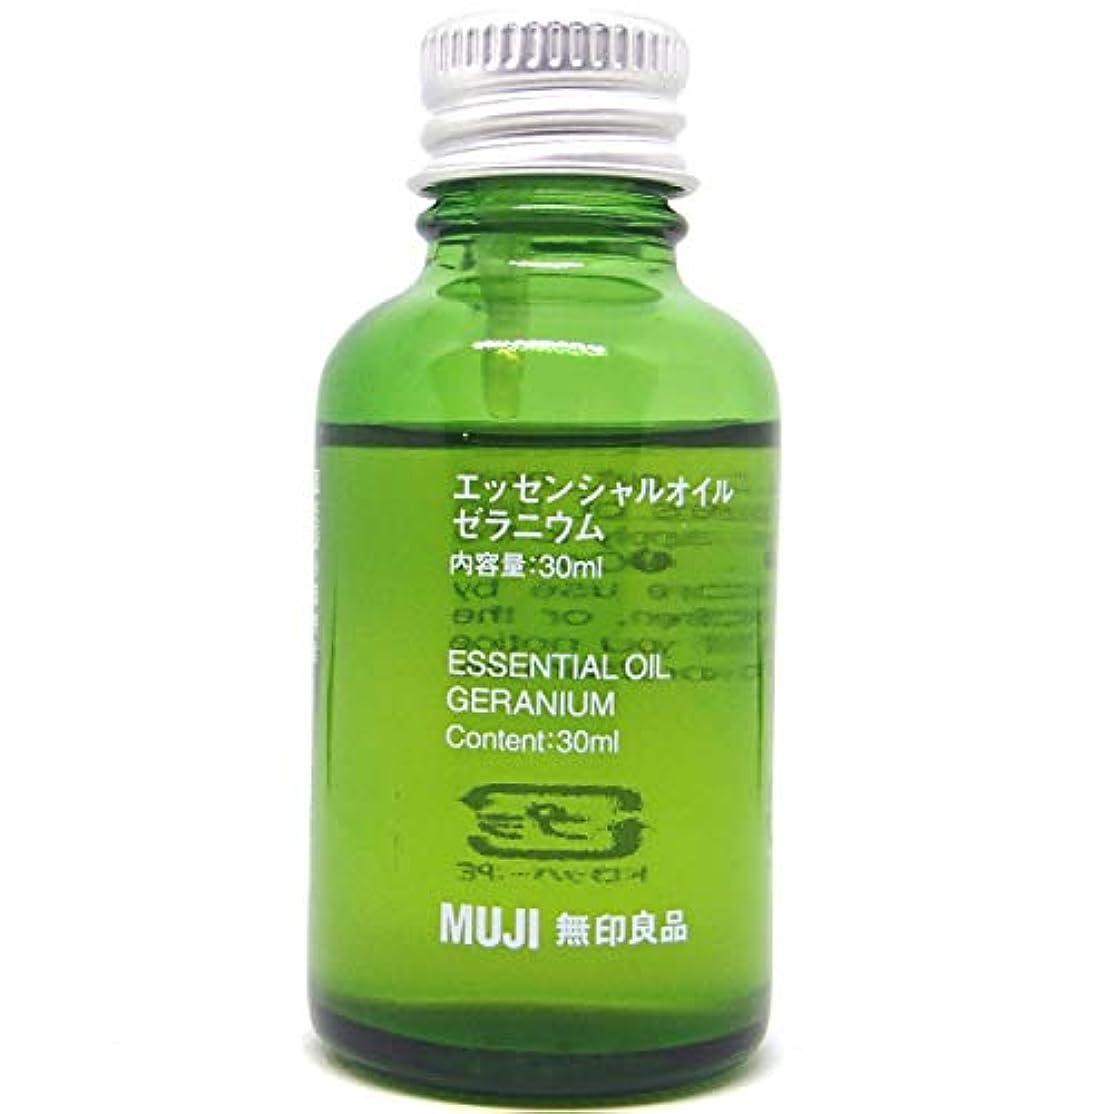 予防接種腫瘍ベリー【無印良品】エッセンシャルオイル30ml(ゼラニウム)